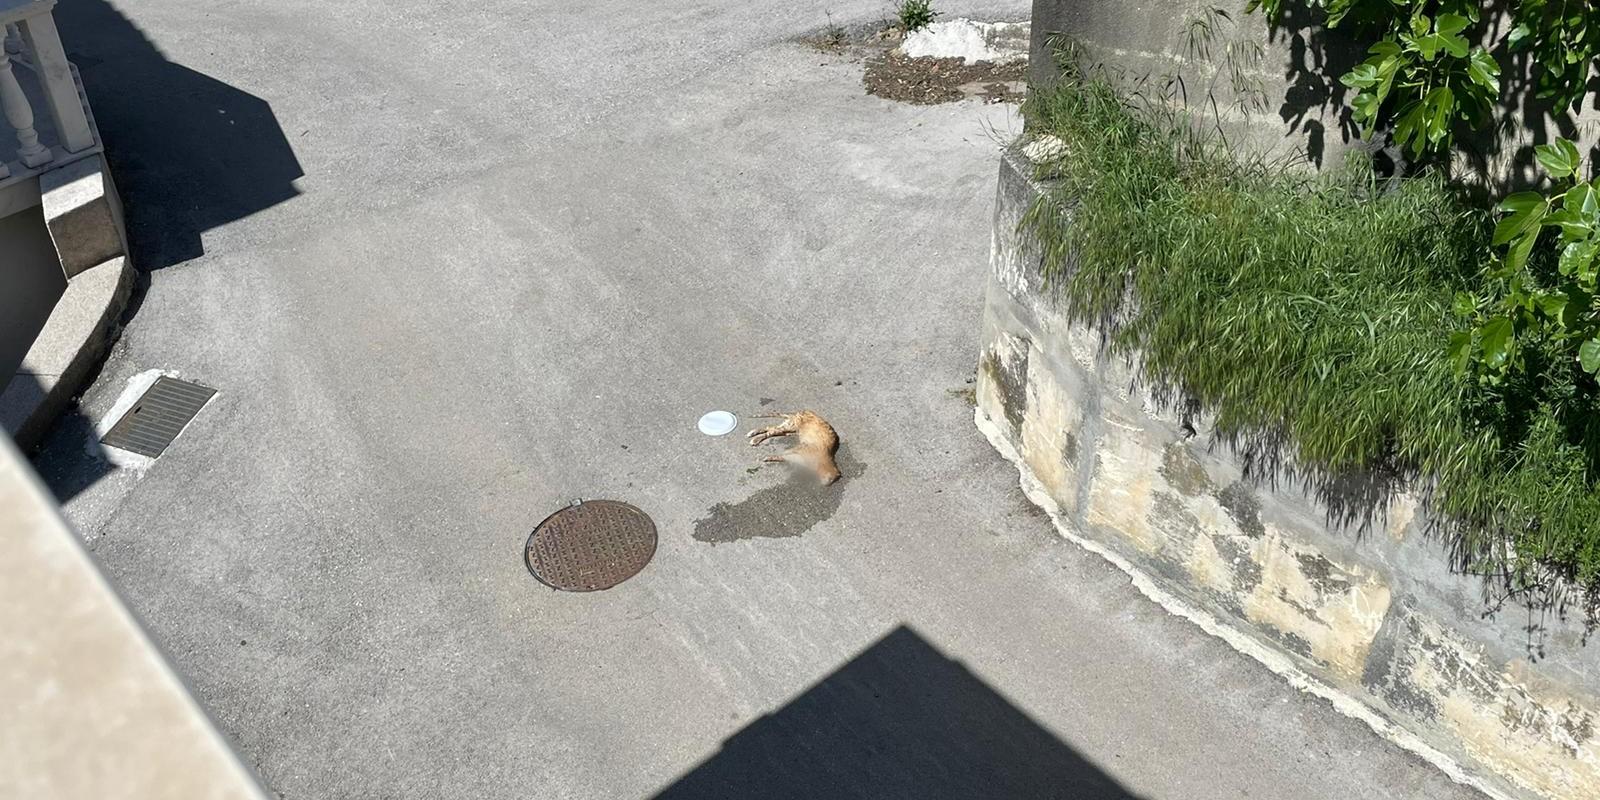 FOTO/VIDEO Potresni prizori sa splitskih ulica: Sve je više zgaženih mačaka, neke su i namjerno ubijene